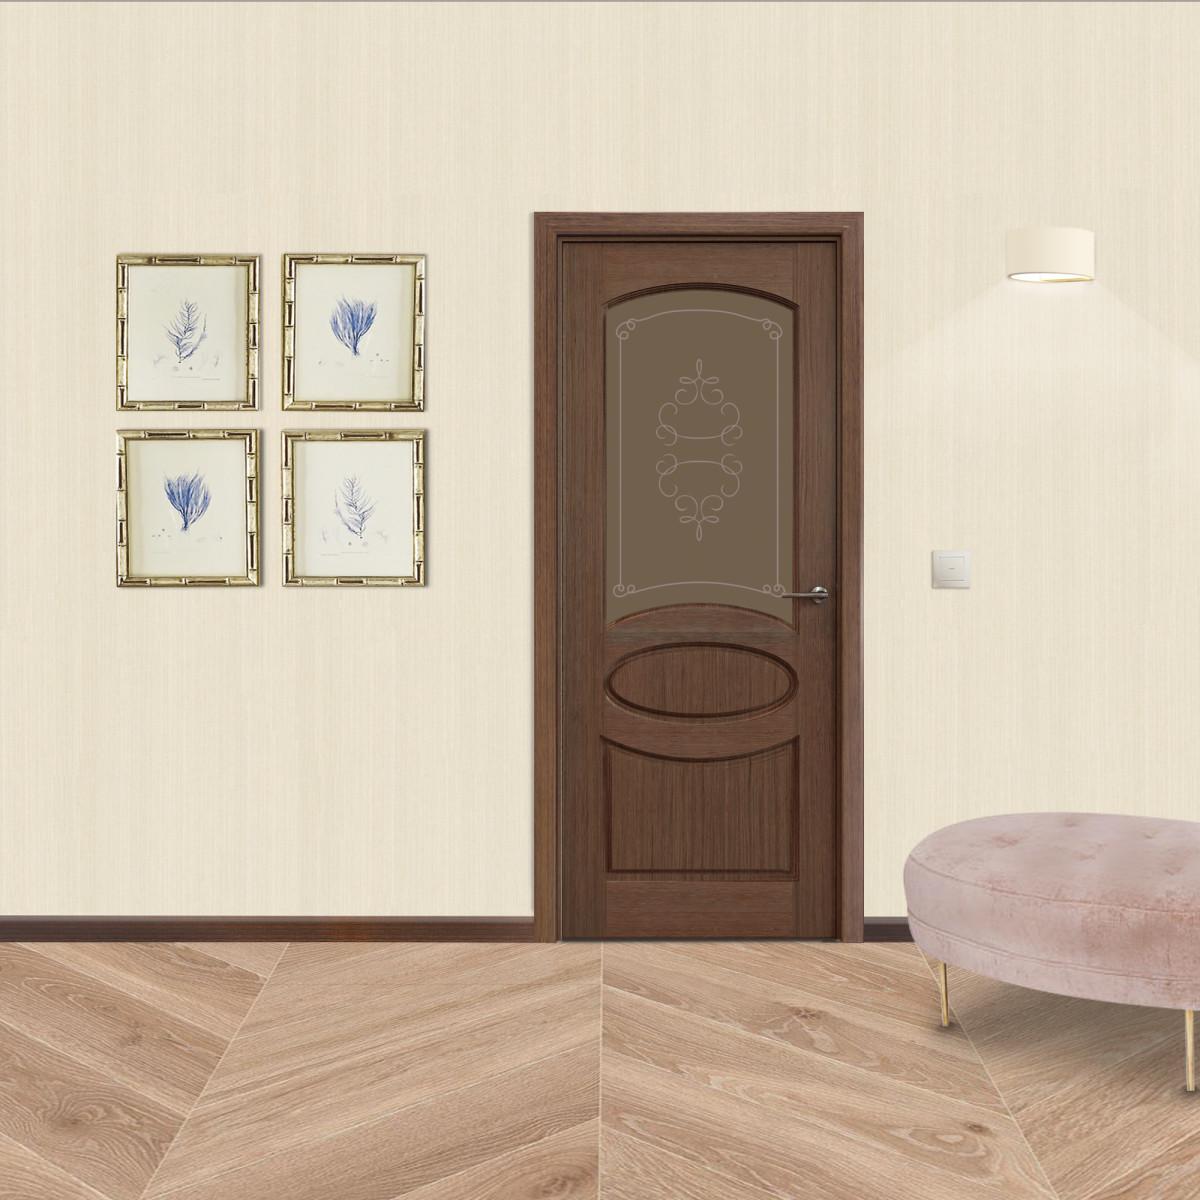 Дверь Межкомнатная Остеклённая Классика 60x200 Шпон Цвет Орех